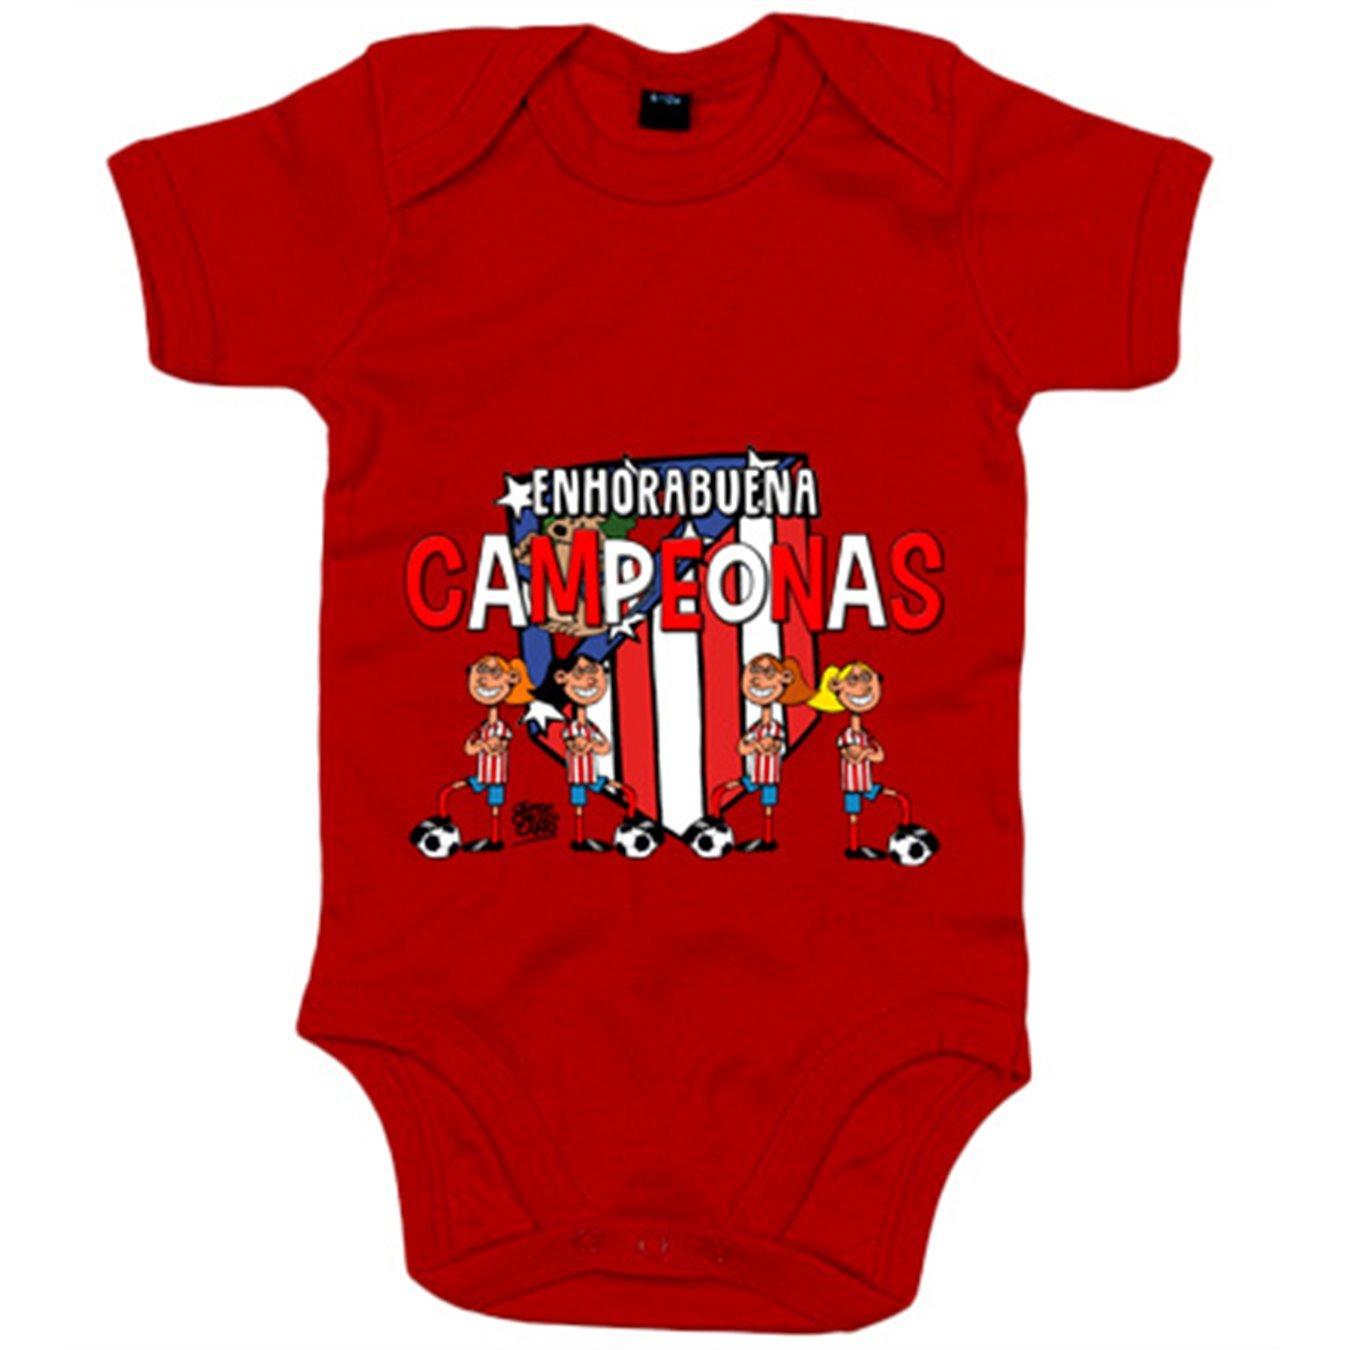 Body bebé Atlético de Madrid Féminas campeonas fútbol femenino - Amarillo, 6-12 meses: Amazon.es: Bebé